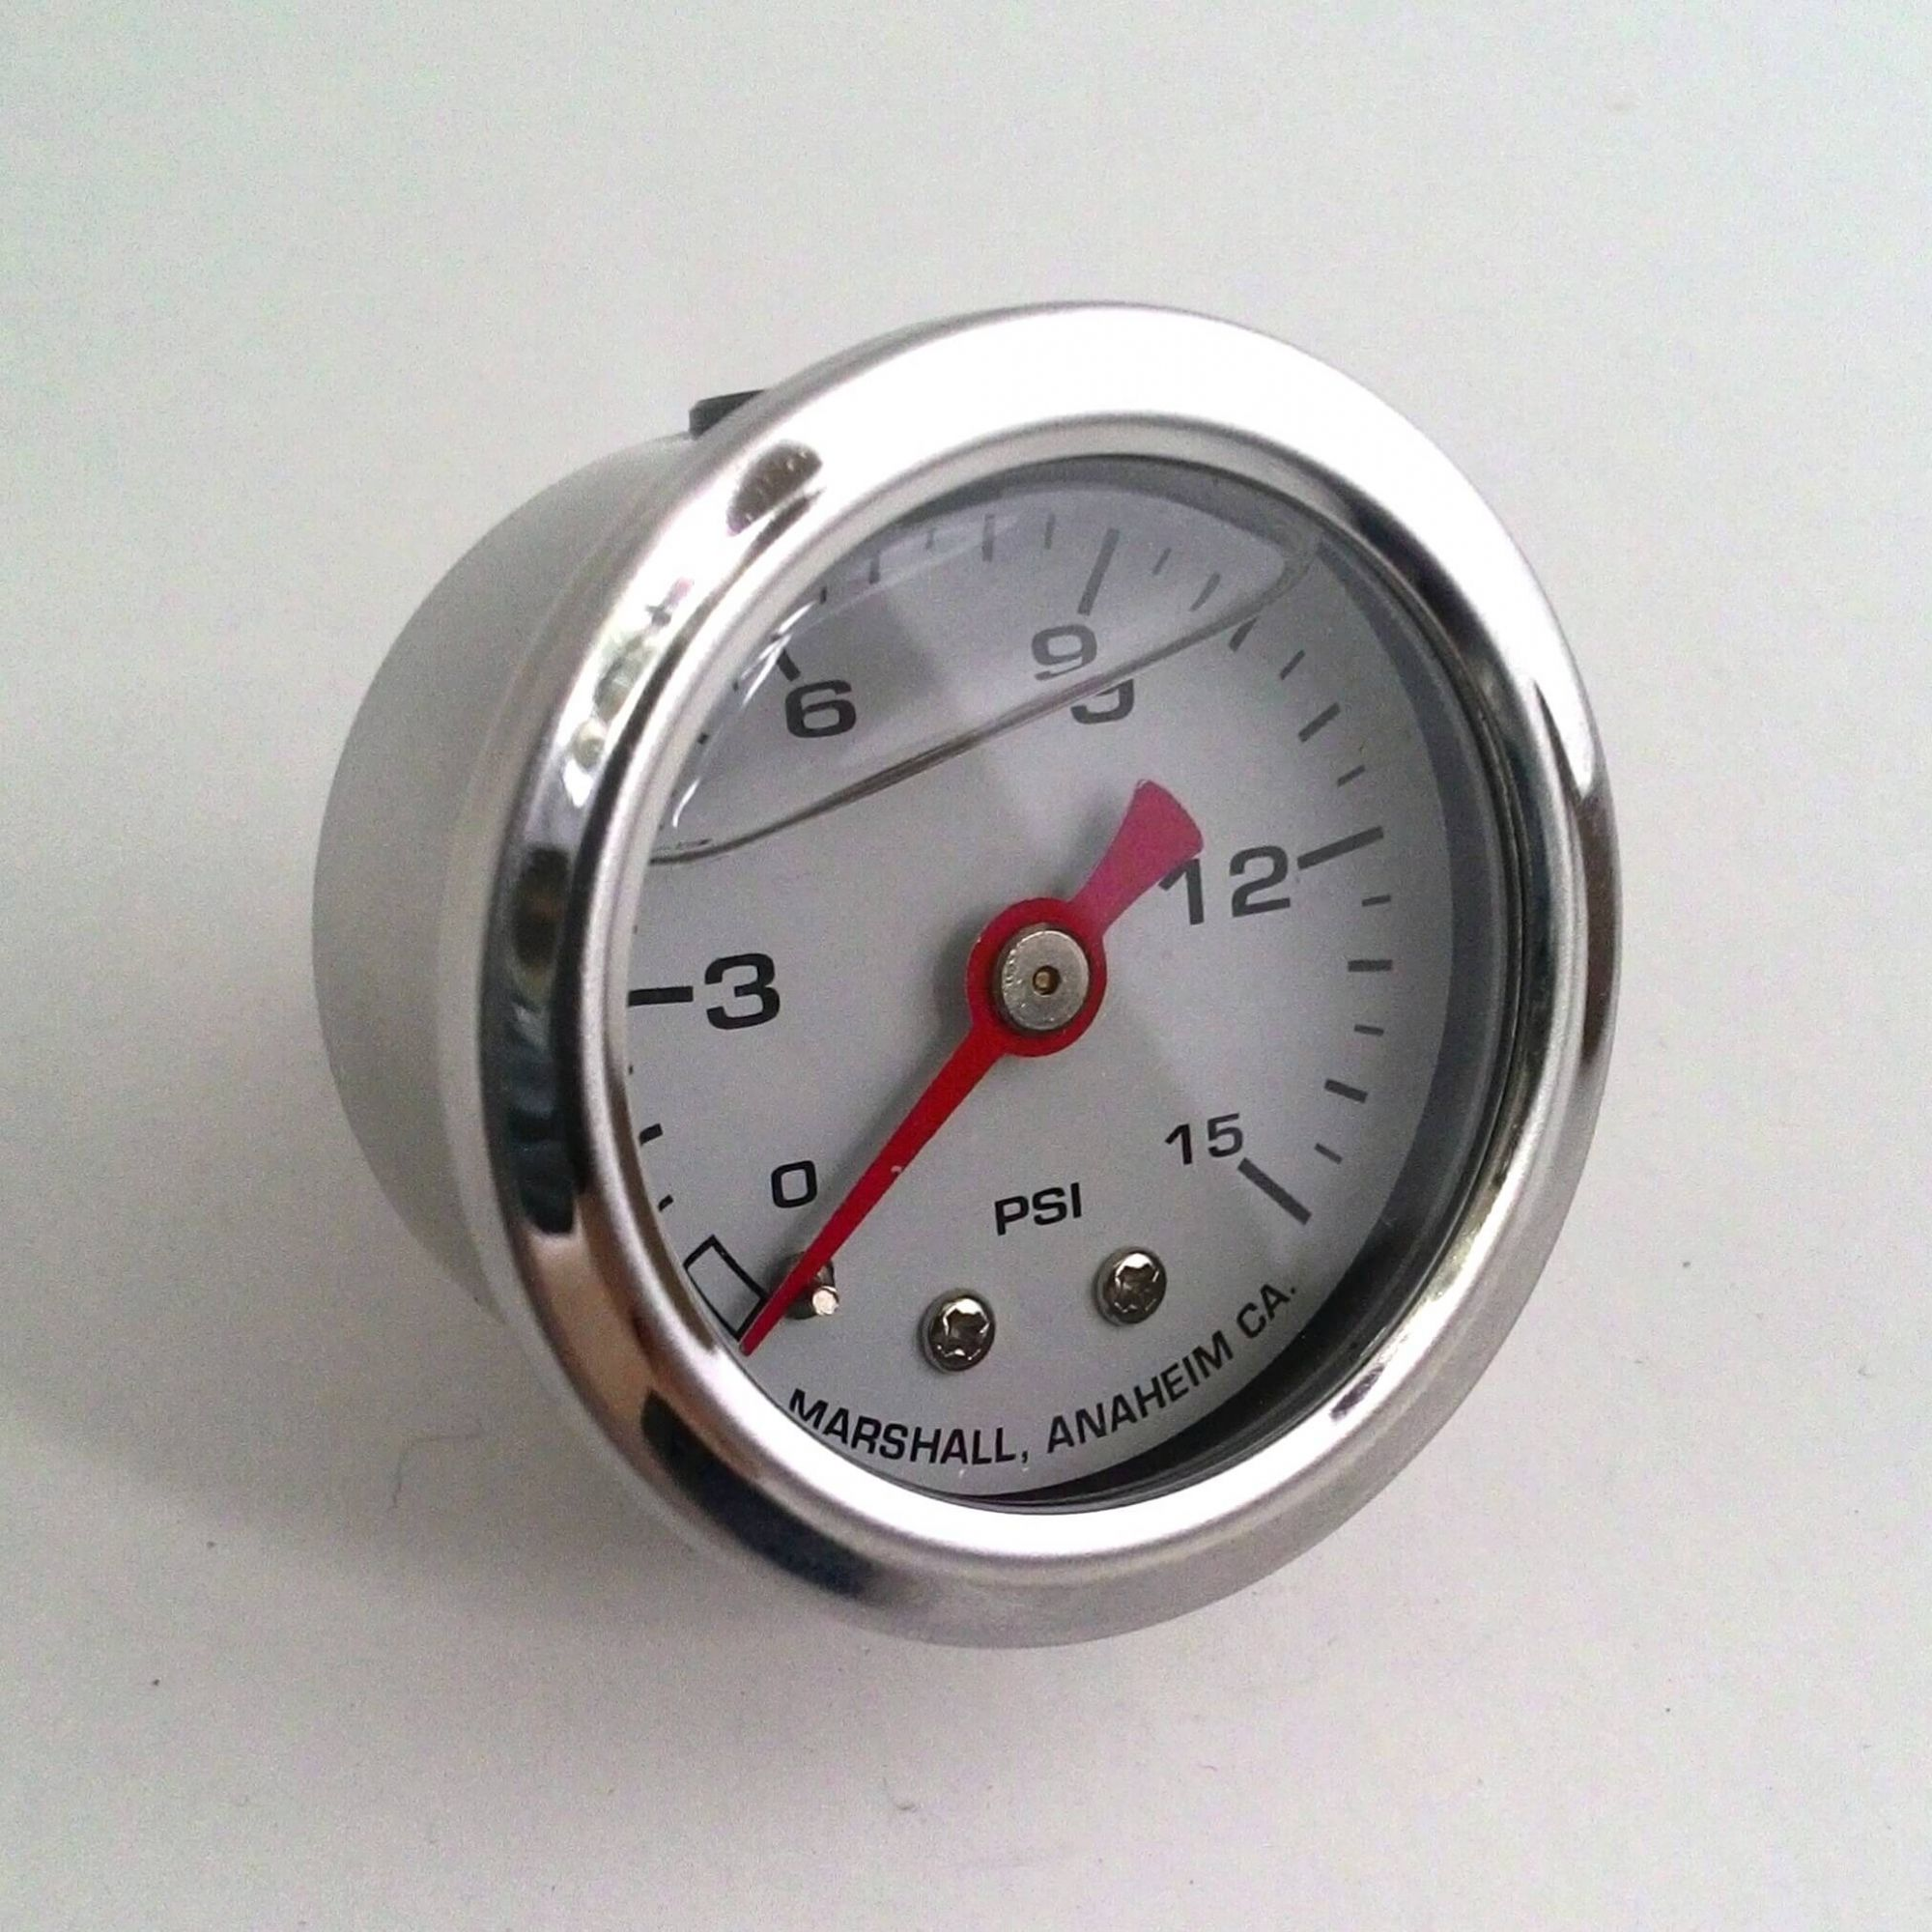 Manômetro para Linha de Combustível - 15 PSI com Líquido - Branco - CHM  - PRO-1 Serious Performance